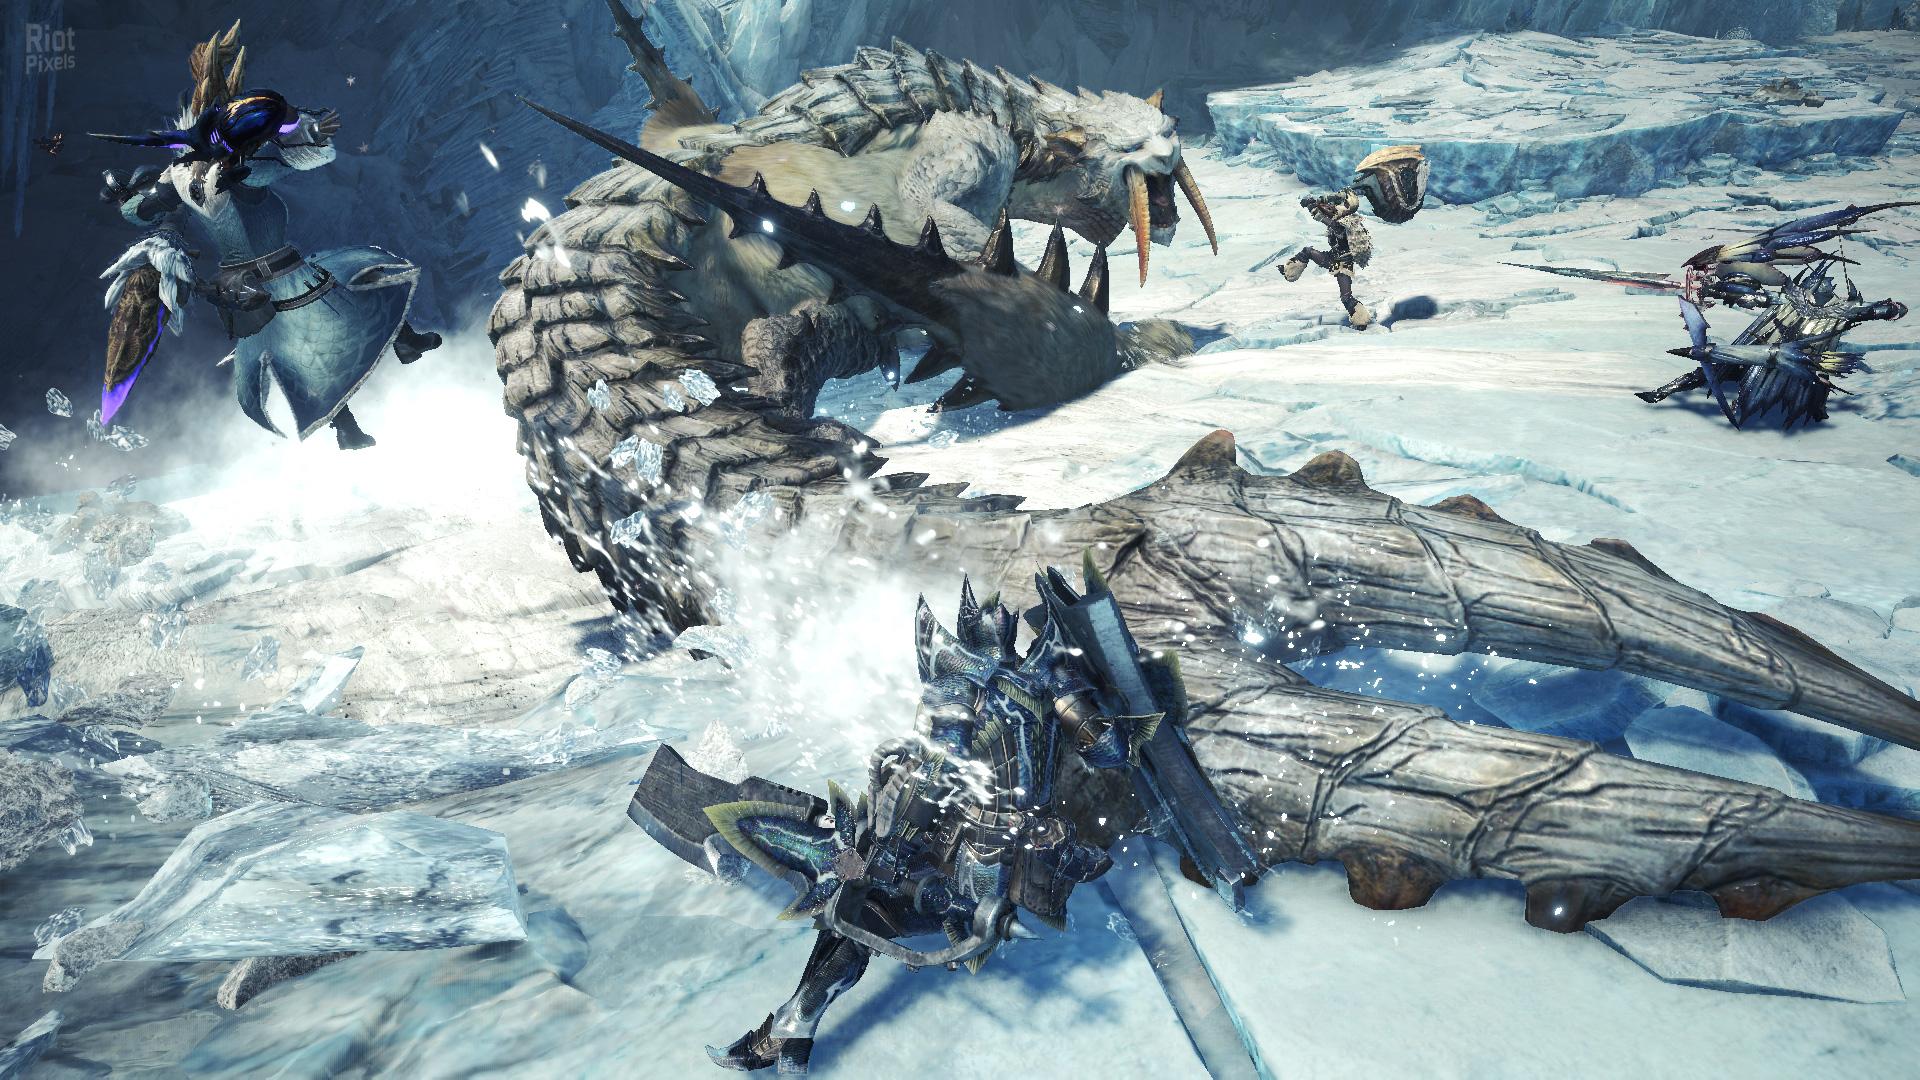 screenshot.monster-hunter-world-iceborne.1920x1080.2019-10-26.98.jpg